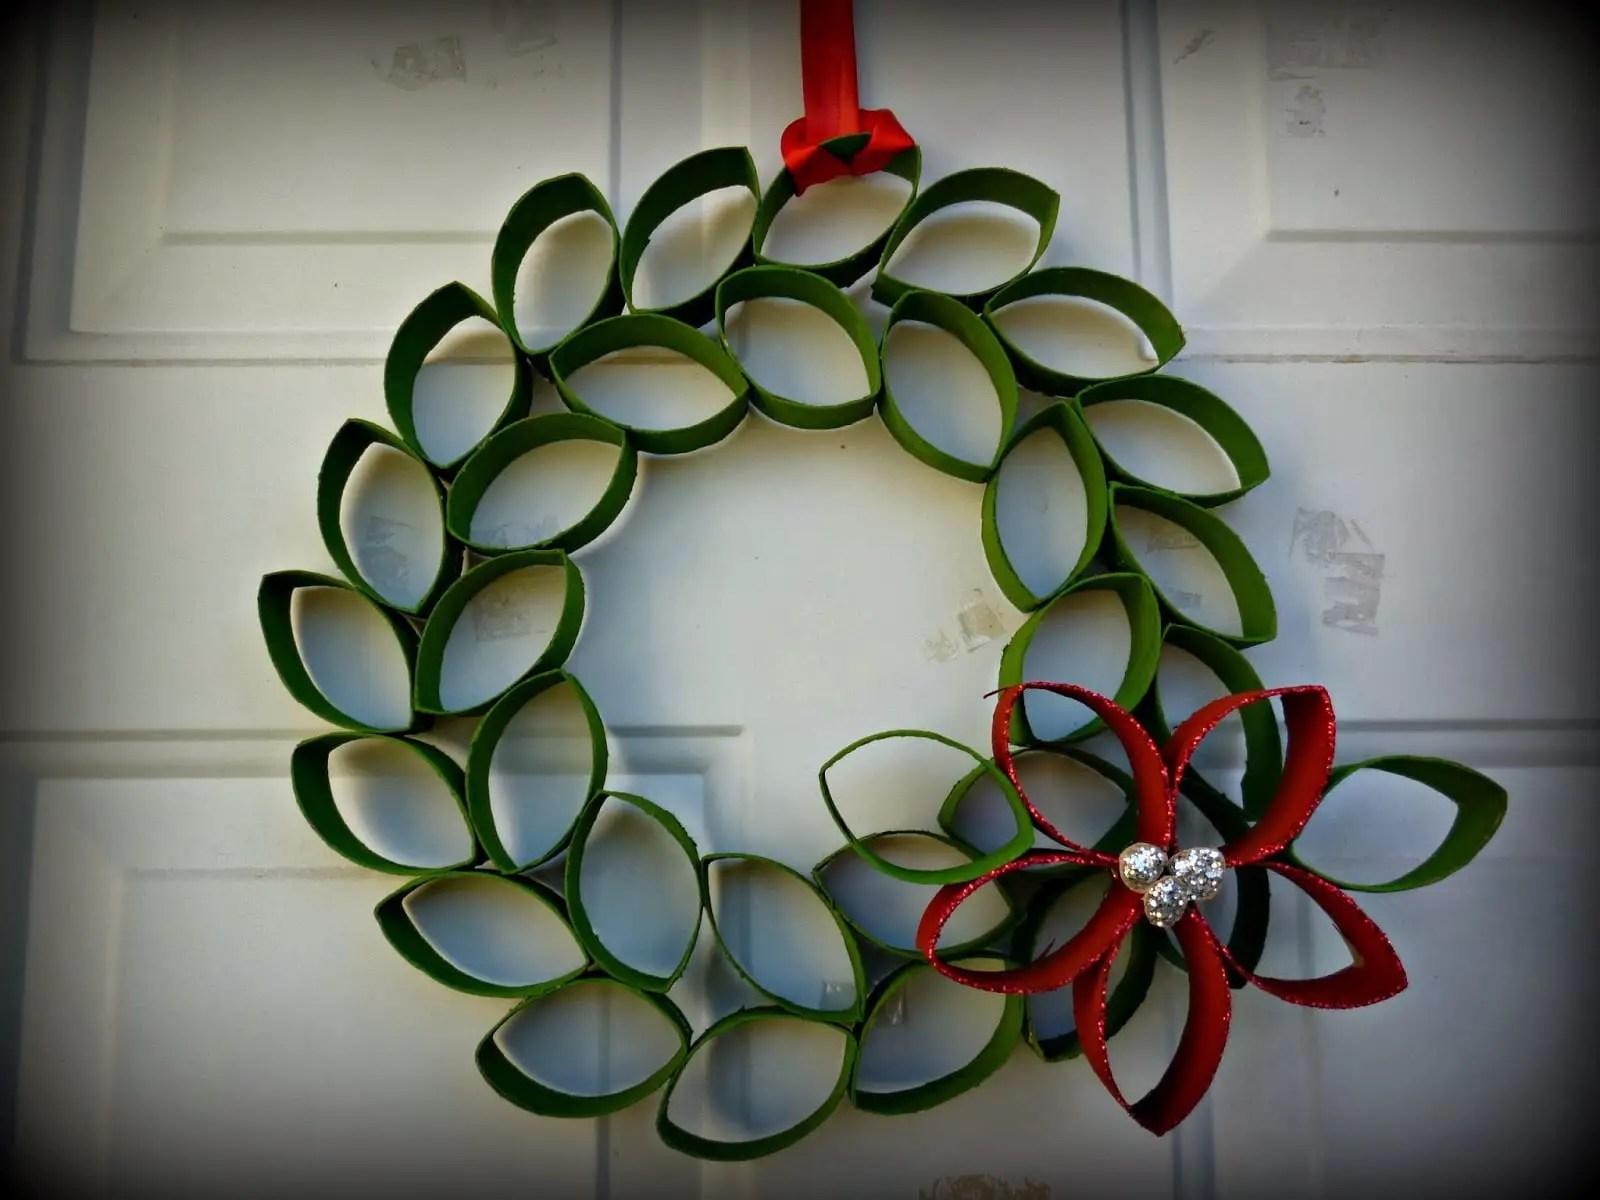 Originales coronas y decoraciones navide as con tubos de cart n - Decoraciones para navidad ...